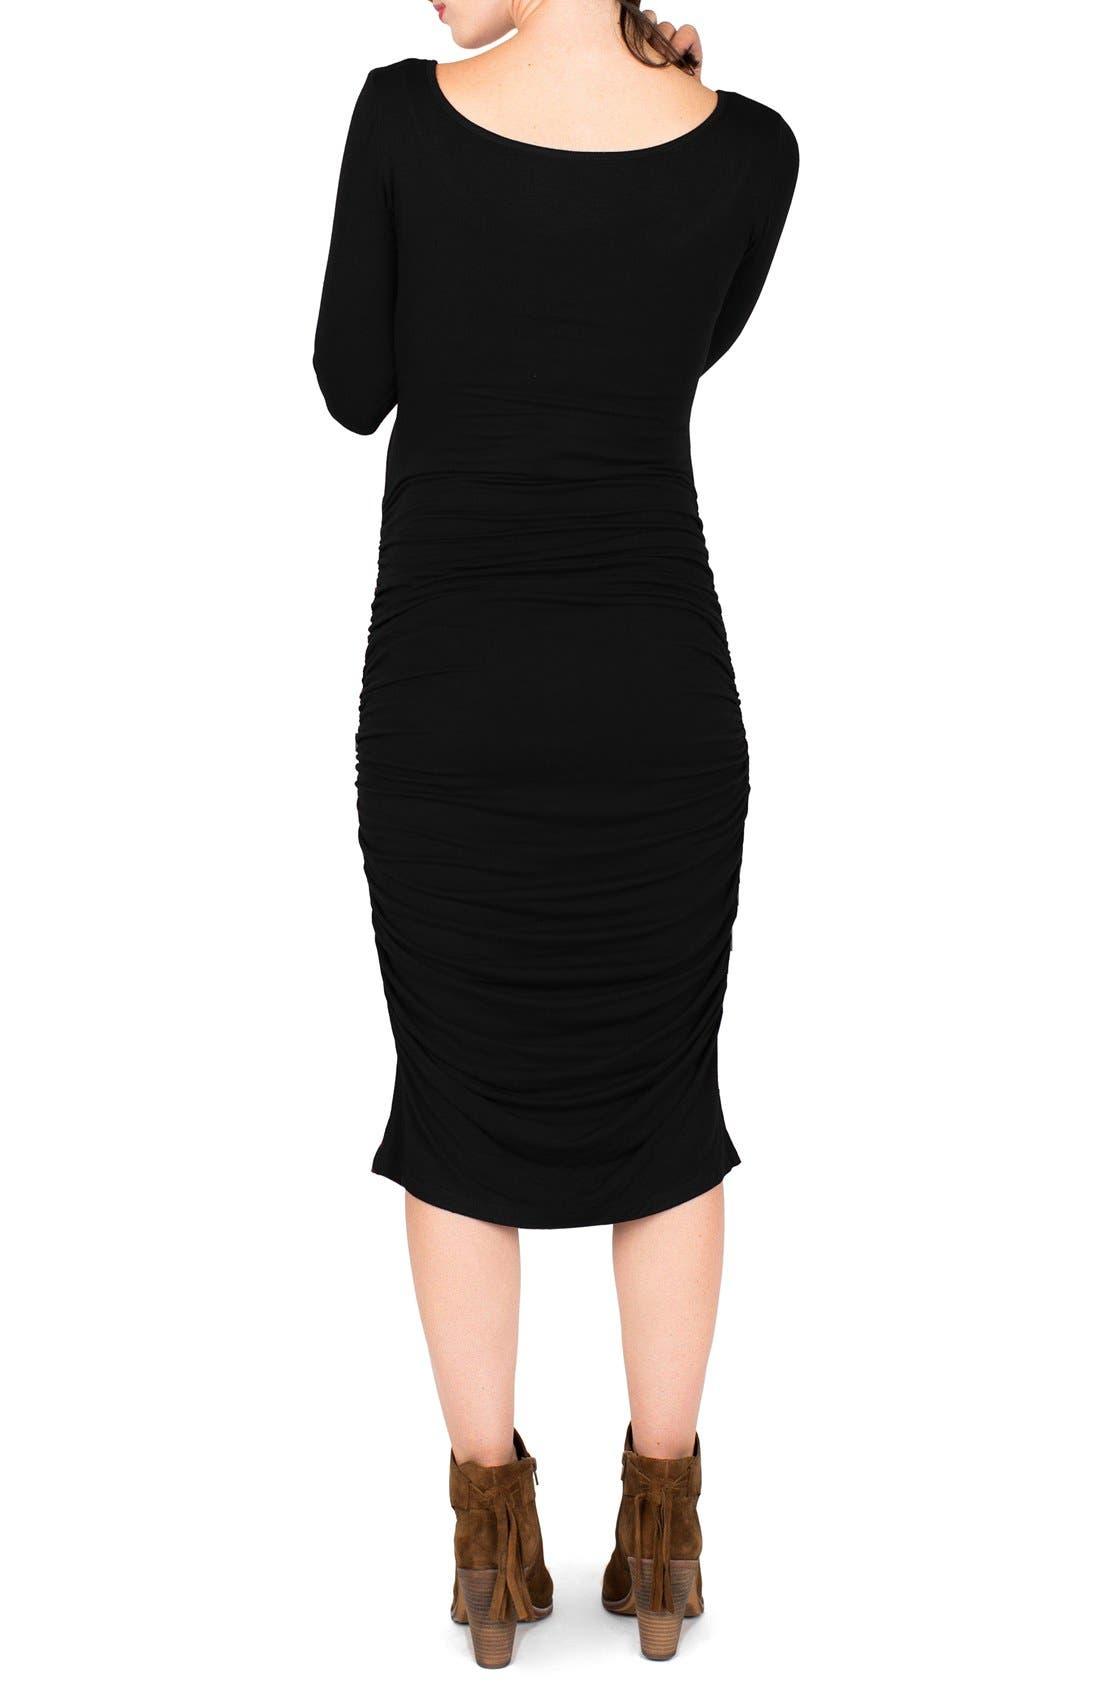 Nom Henley Maternity Dress,                             Alternate thumbnail 5, color,                             BLACK